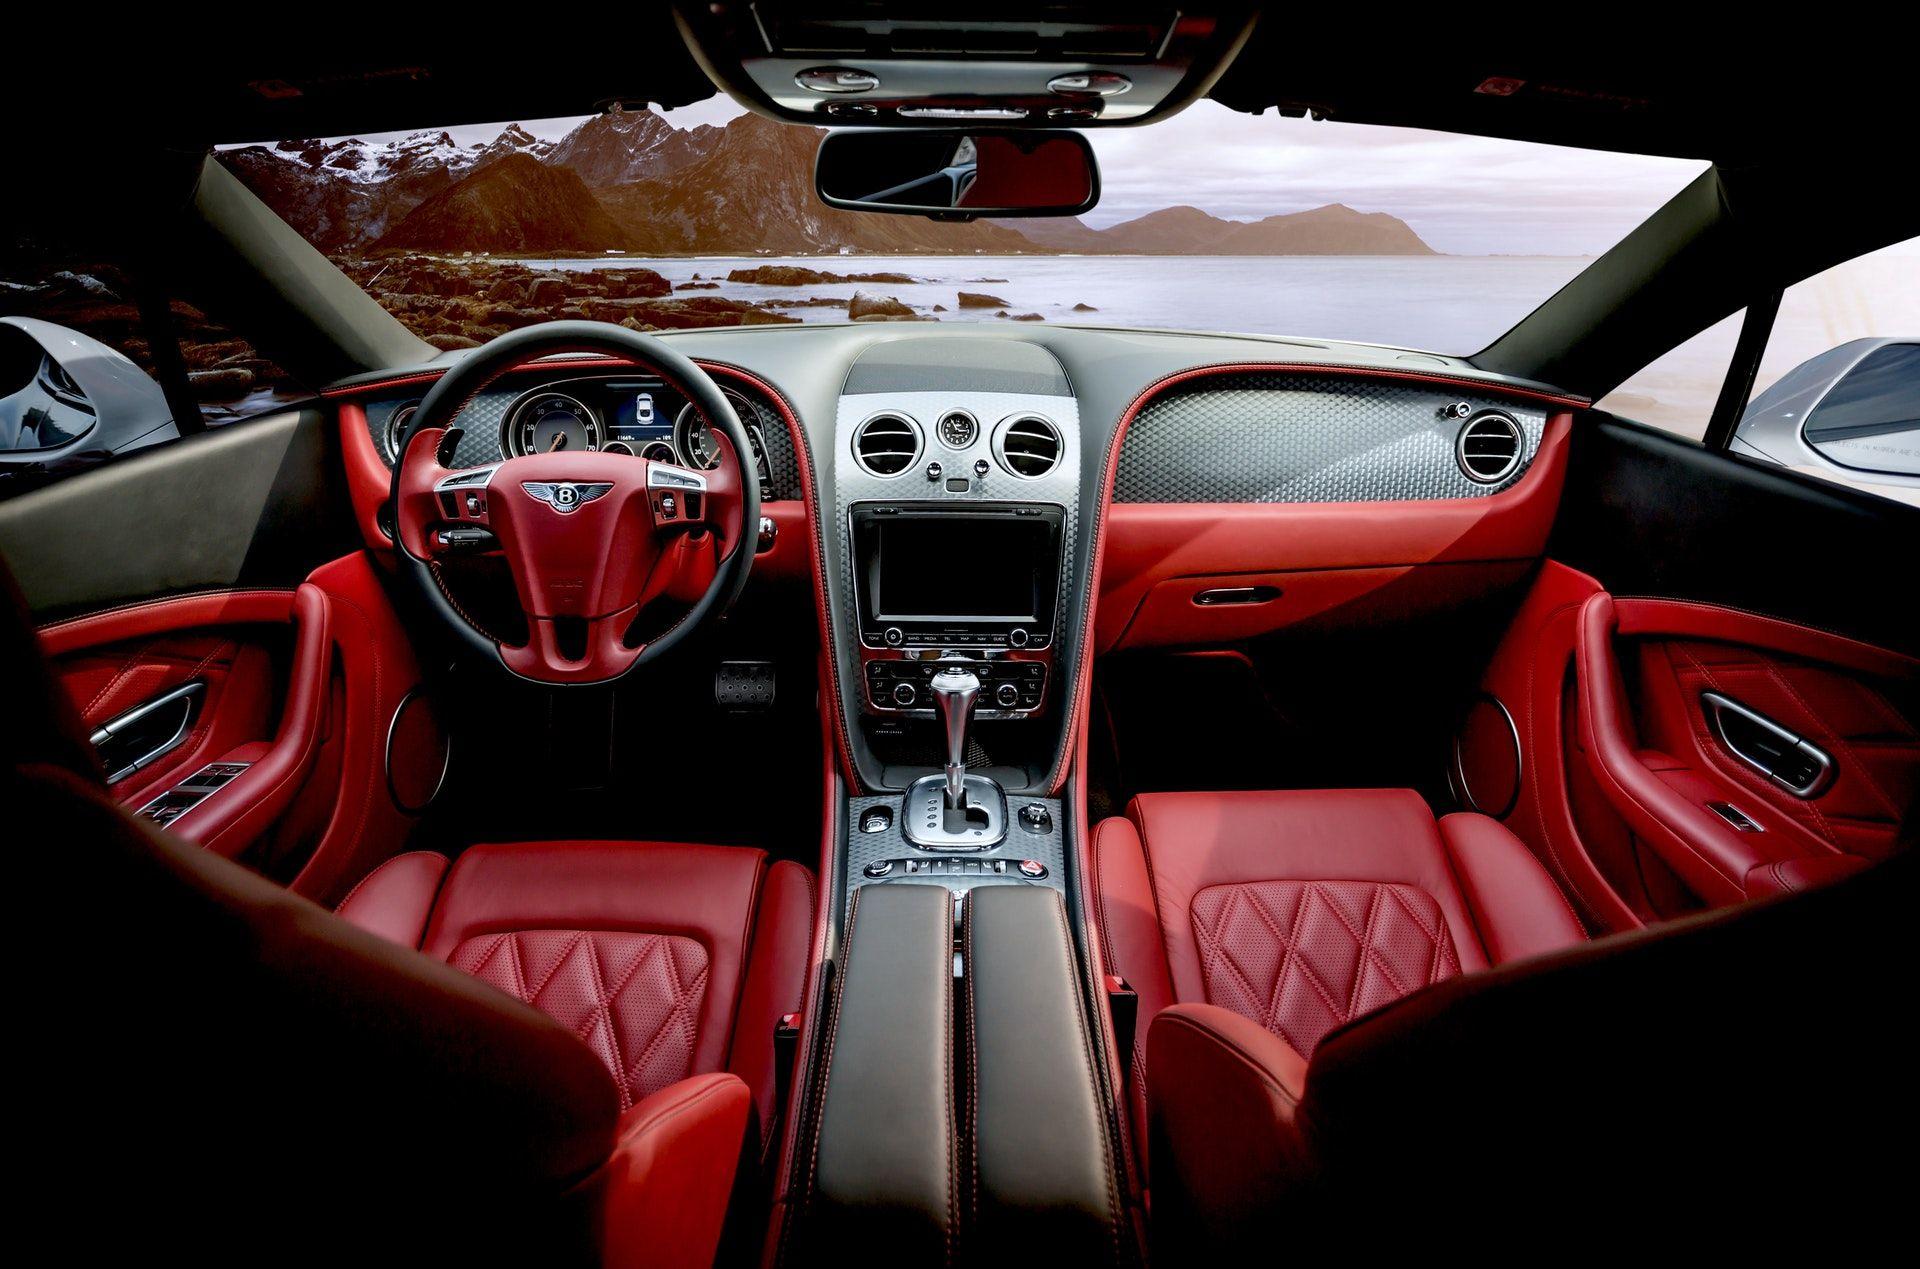 عکس زمینه نمای داخلی ماشین قرمز پس زمینه